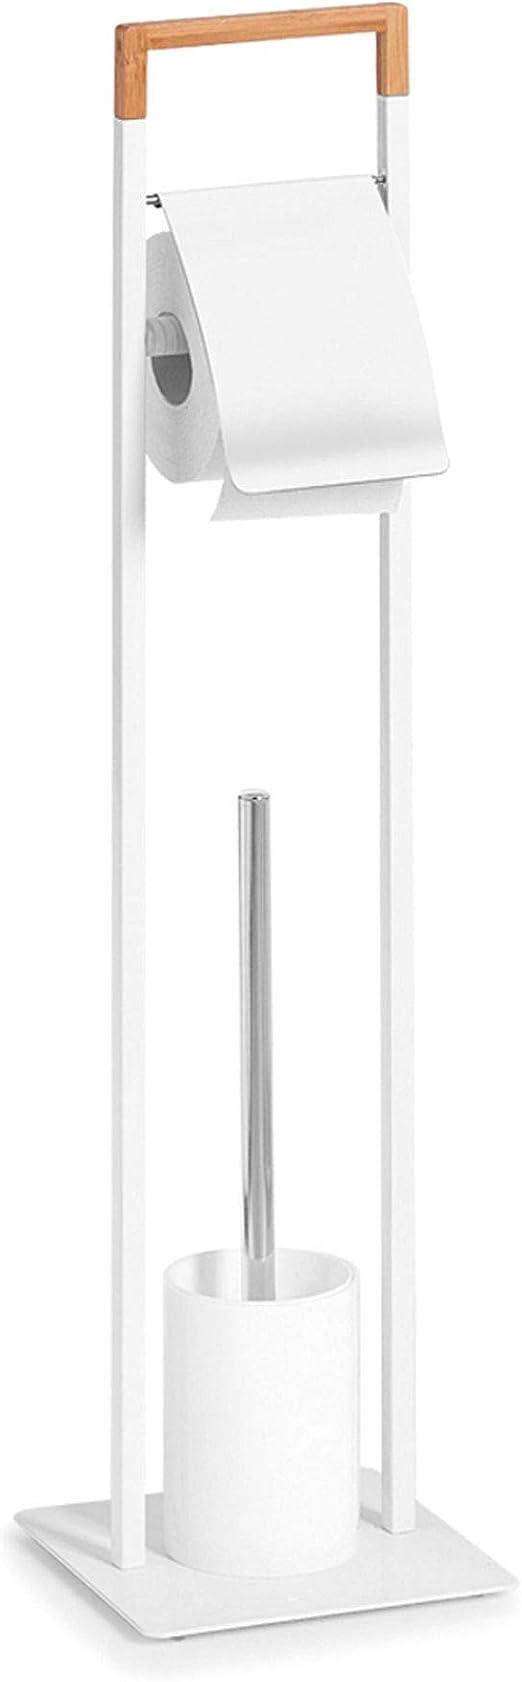 Zeller Wc Brosse Brosse WC batteur avec support moulés Schiste optique